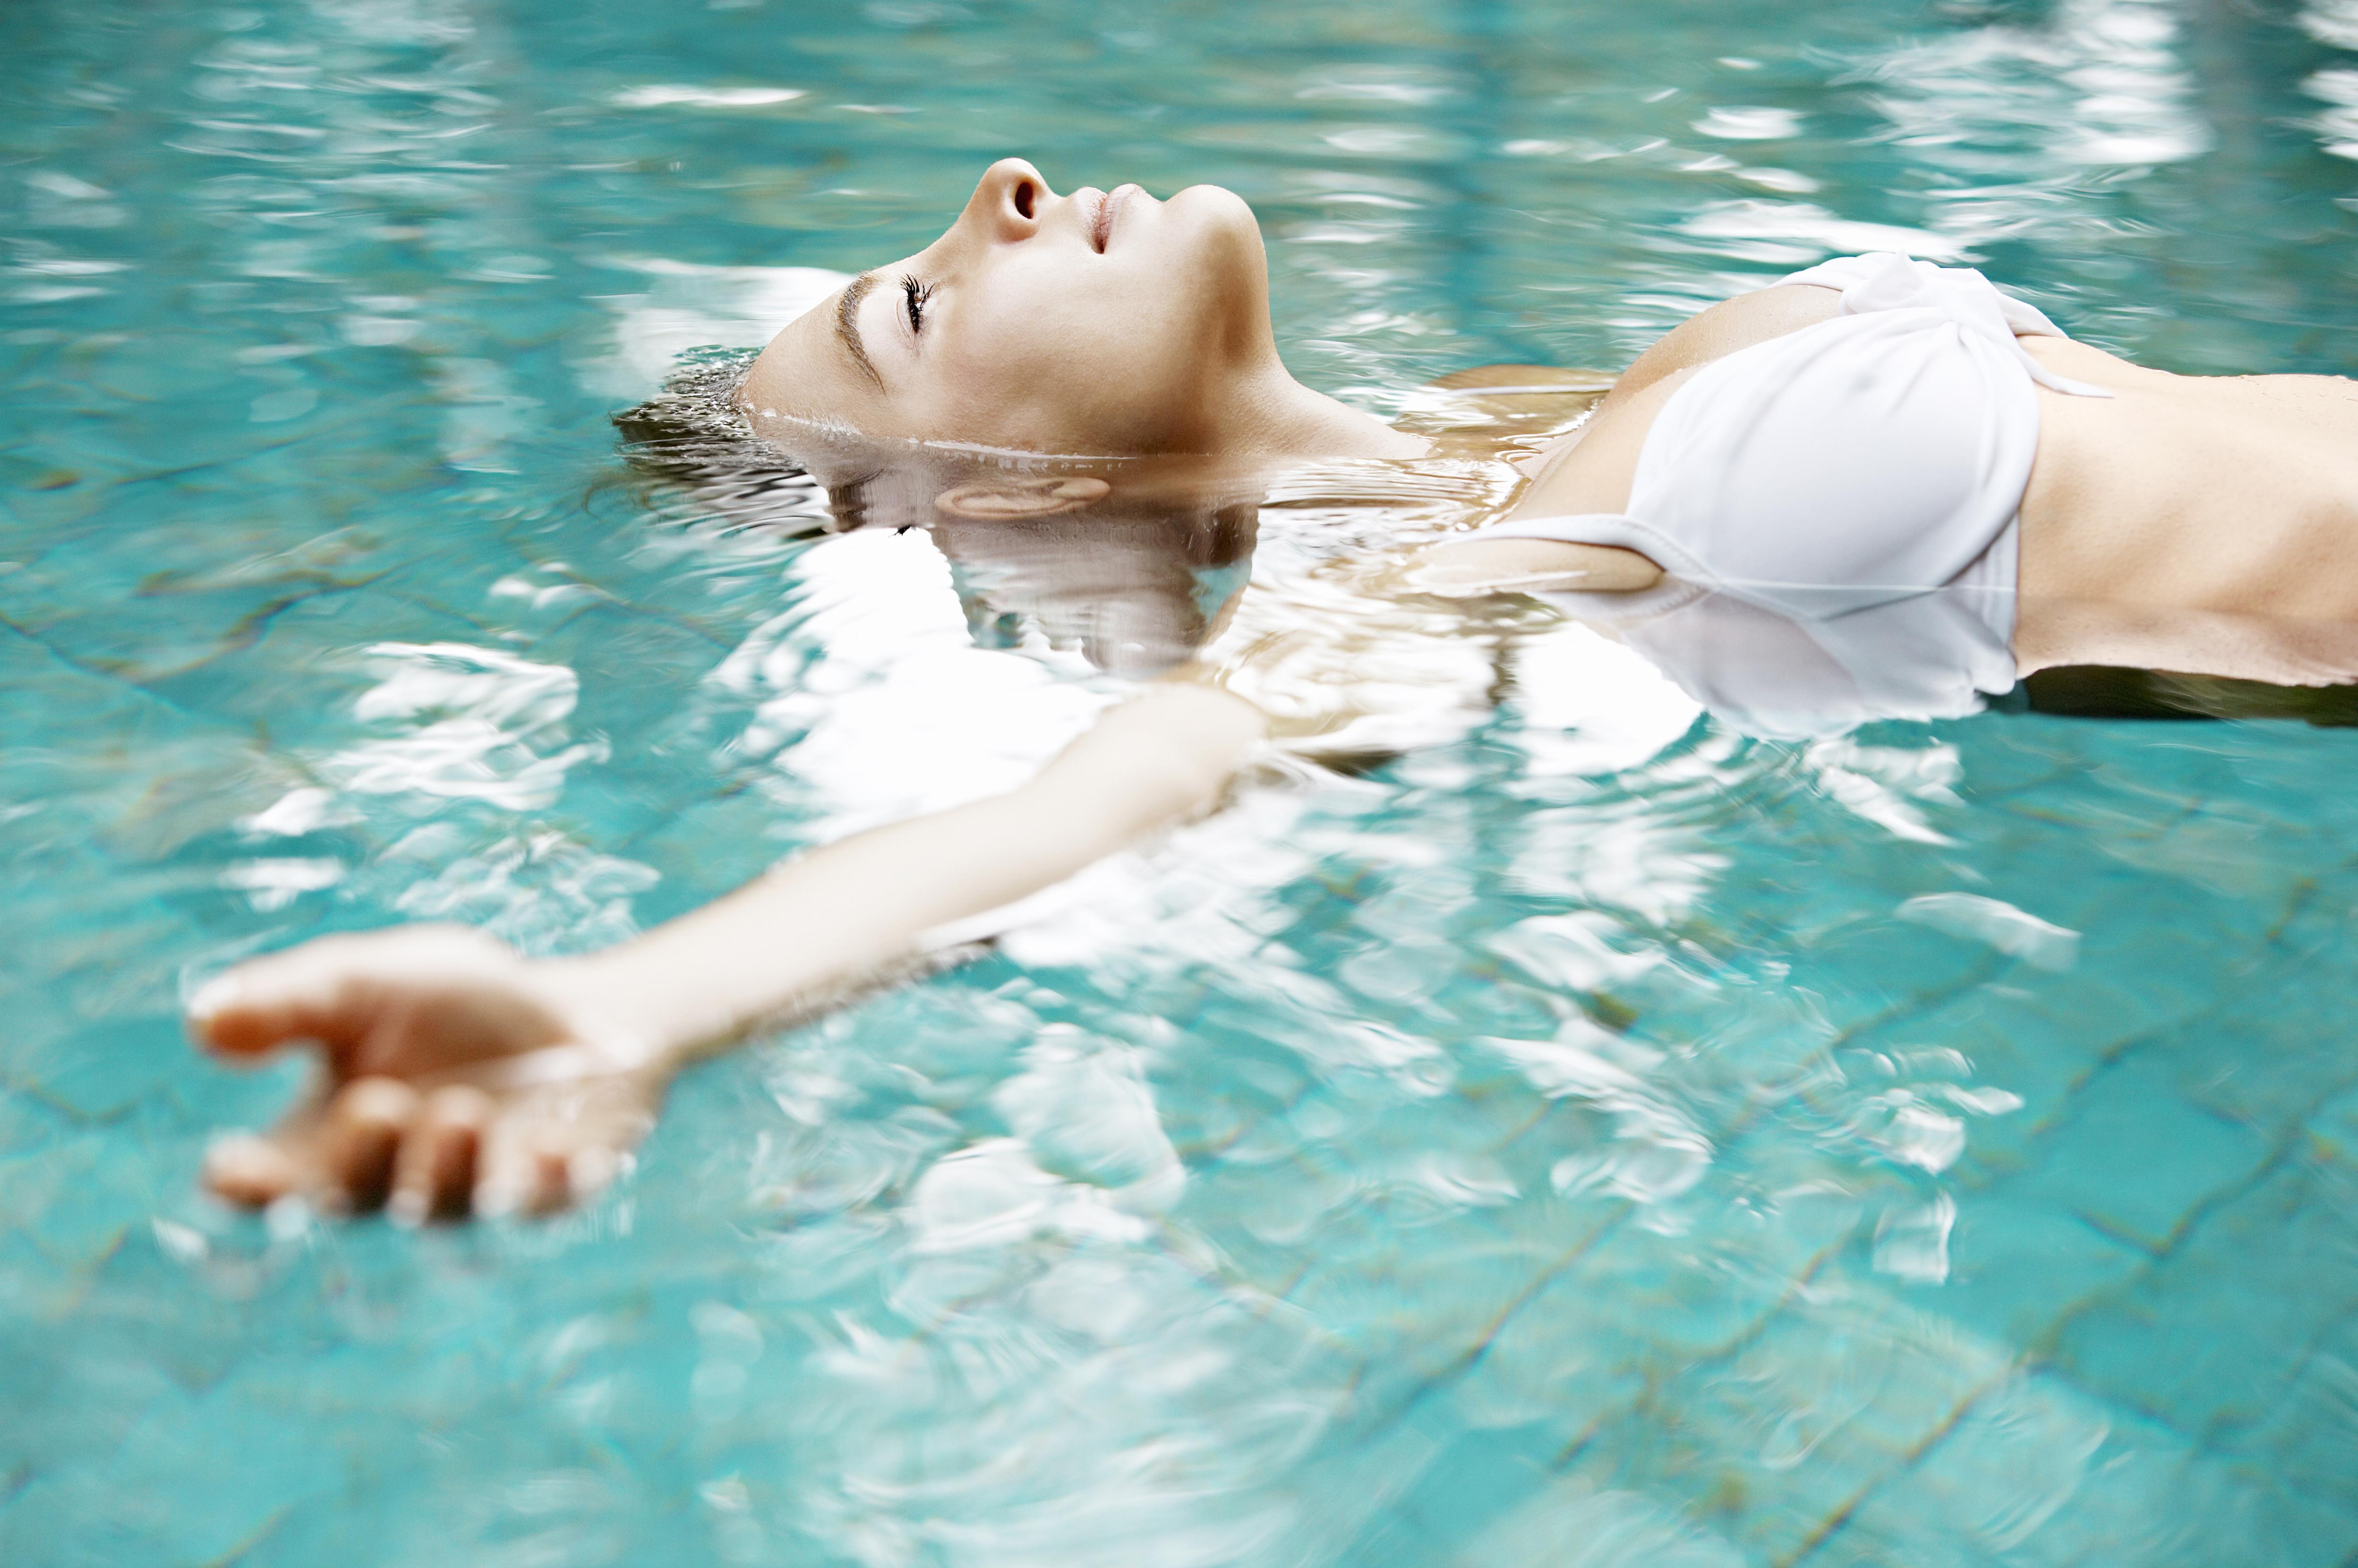 Сколько калорий сжигается при плавании разными стилями